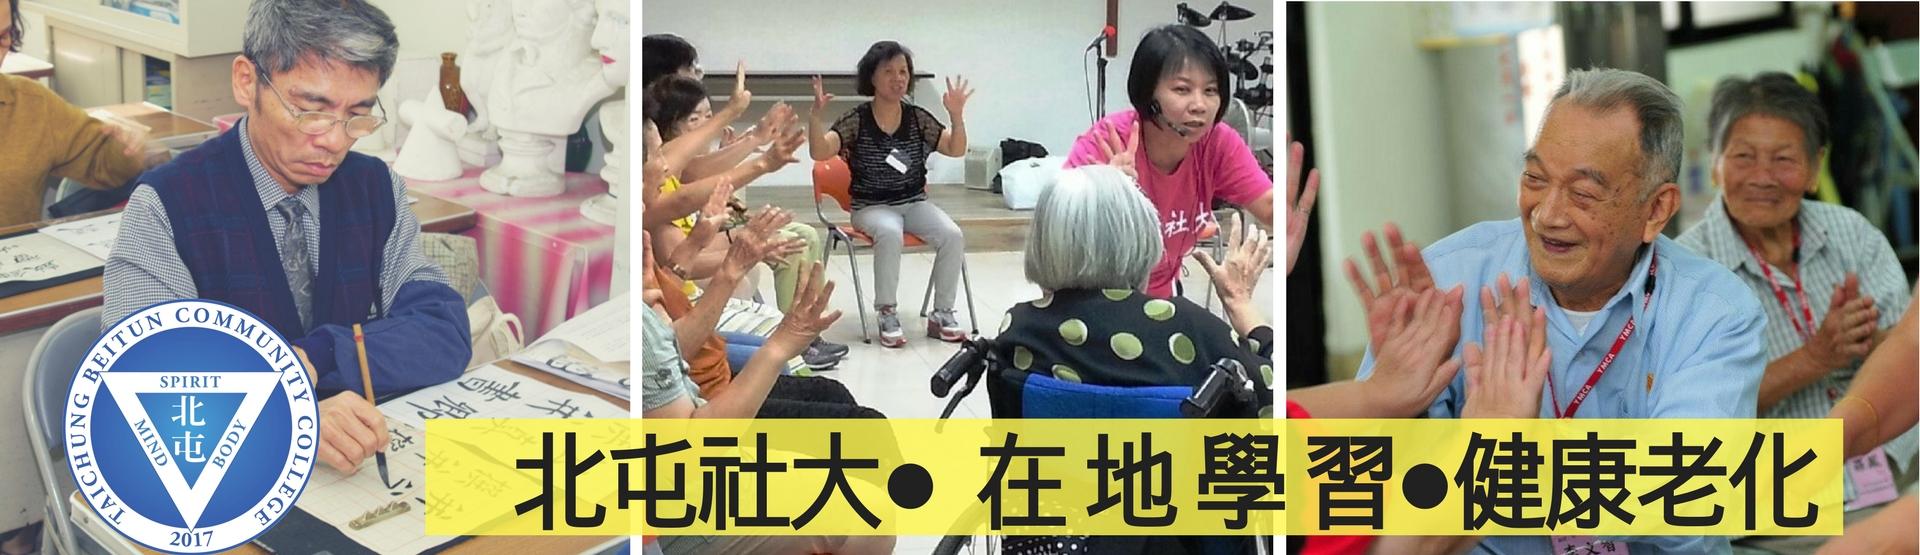 臺中市北屯社區大學 在地學習 健康老化